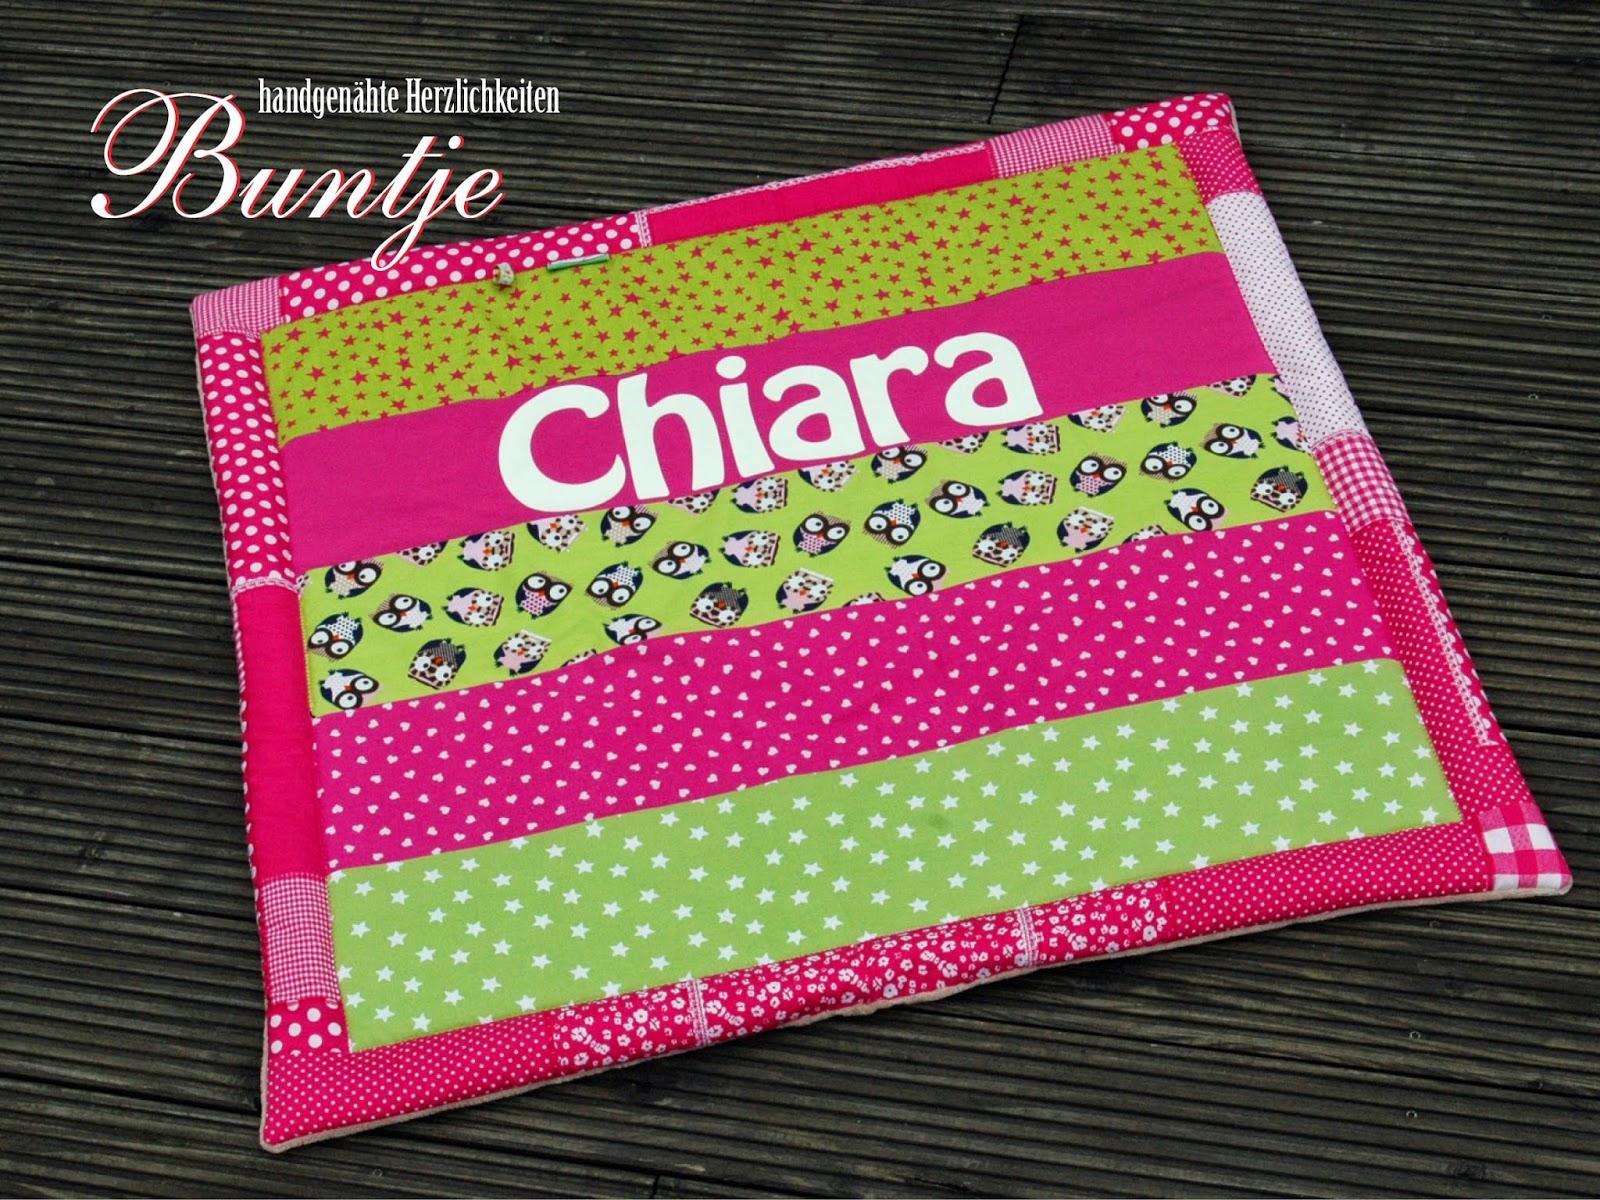 Krabbeldecke Decke Baby Name Geburt Mädchen Geschenk Taufe Chiara pink grün Eulen Buntje